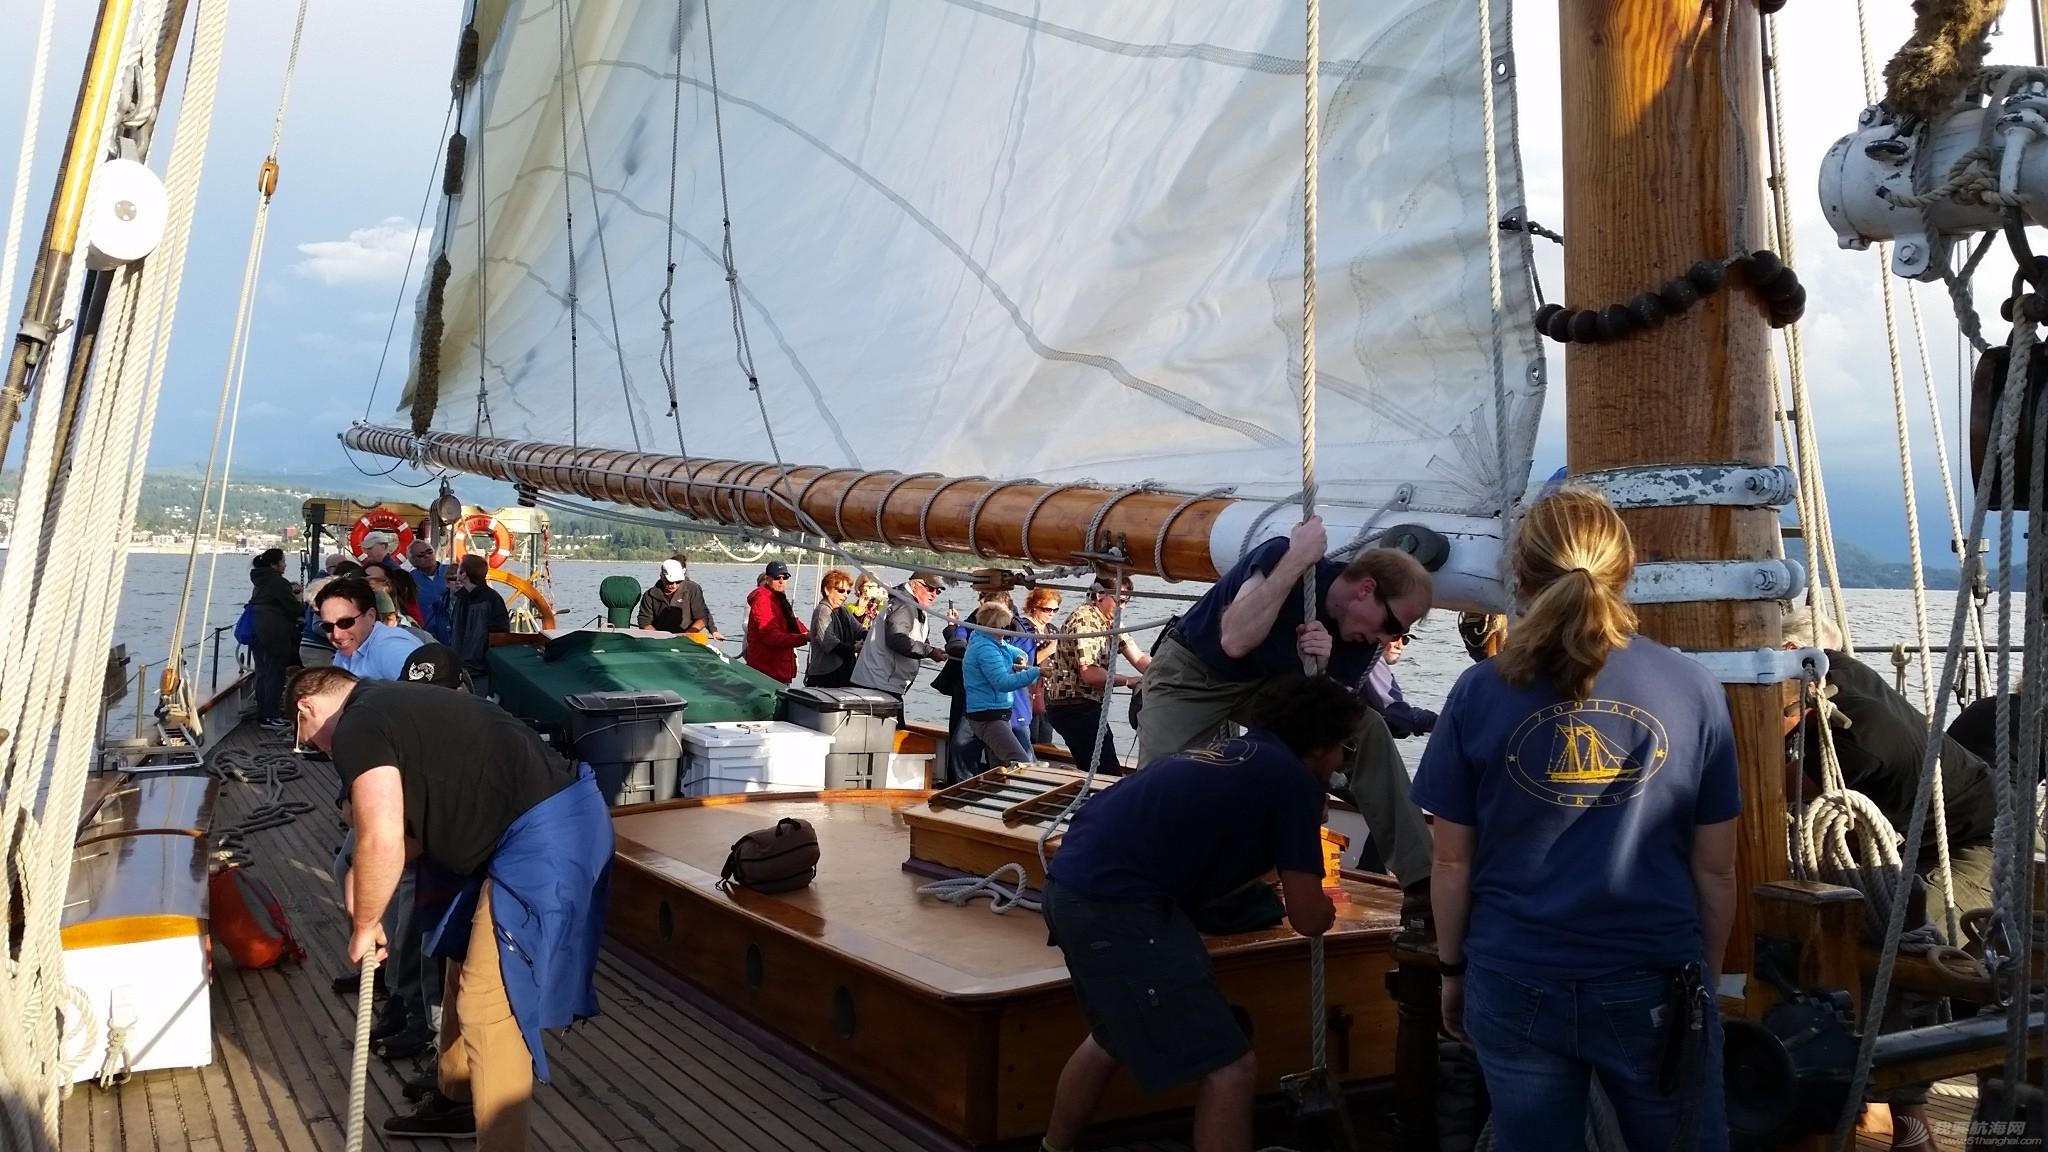 美国,传奇,帆船,世纪,中文翻译 2017美国圣胡安探险《极致玩帆》系列之一-海峡追风+世纪传奇大型古典帆船[西雅图] 065632piziut9j8h99jjj8.jpg